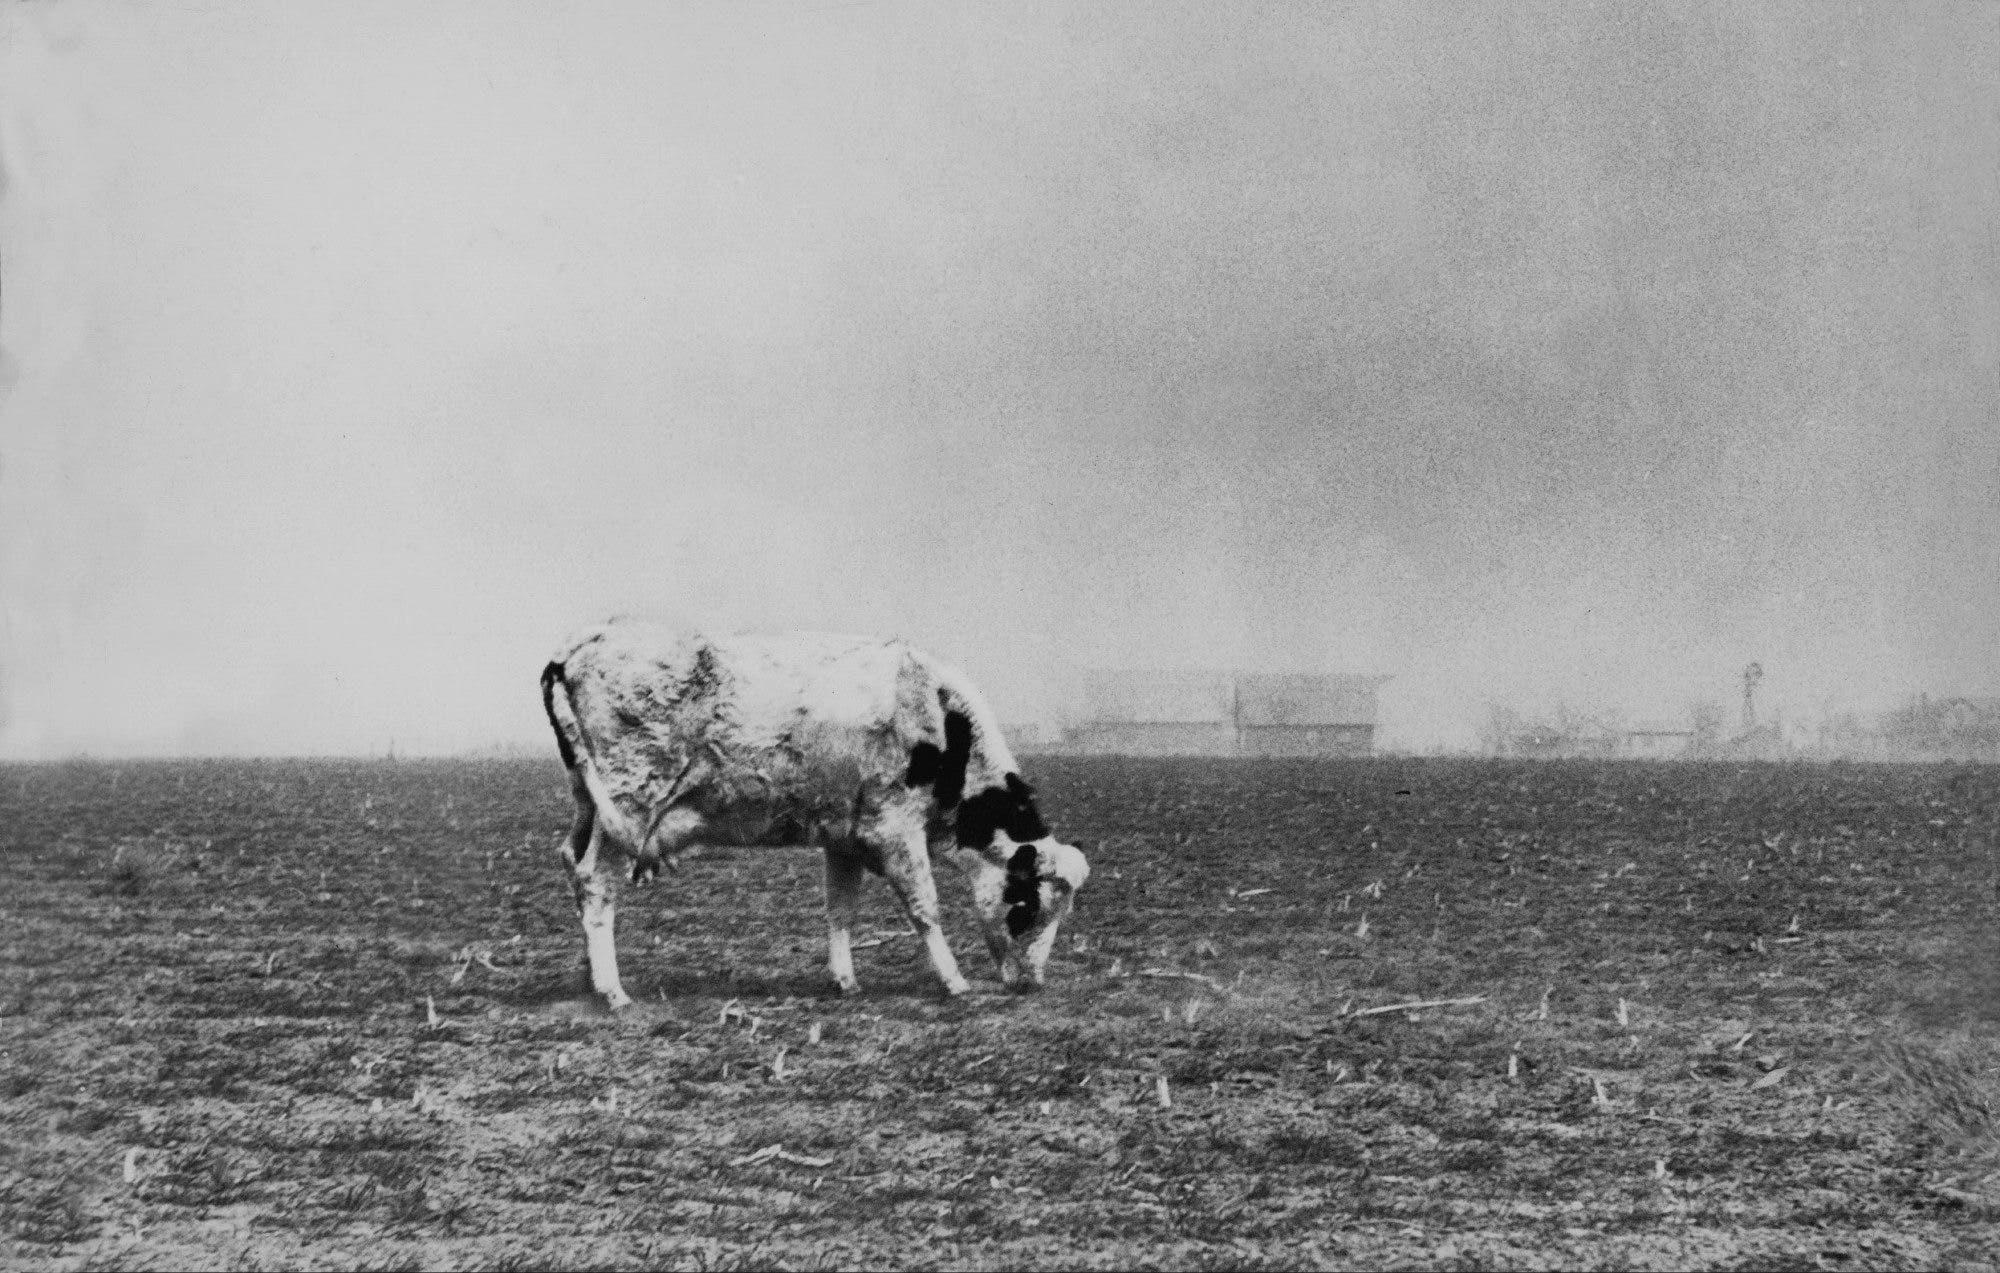 صورة تجسد موسم الحصاد السيئ عام 1936 بسبب موجة الحر